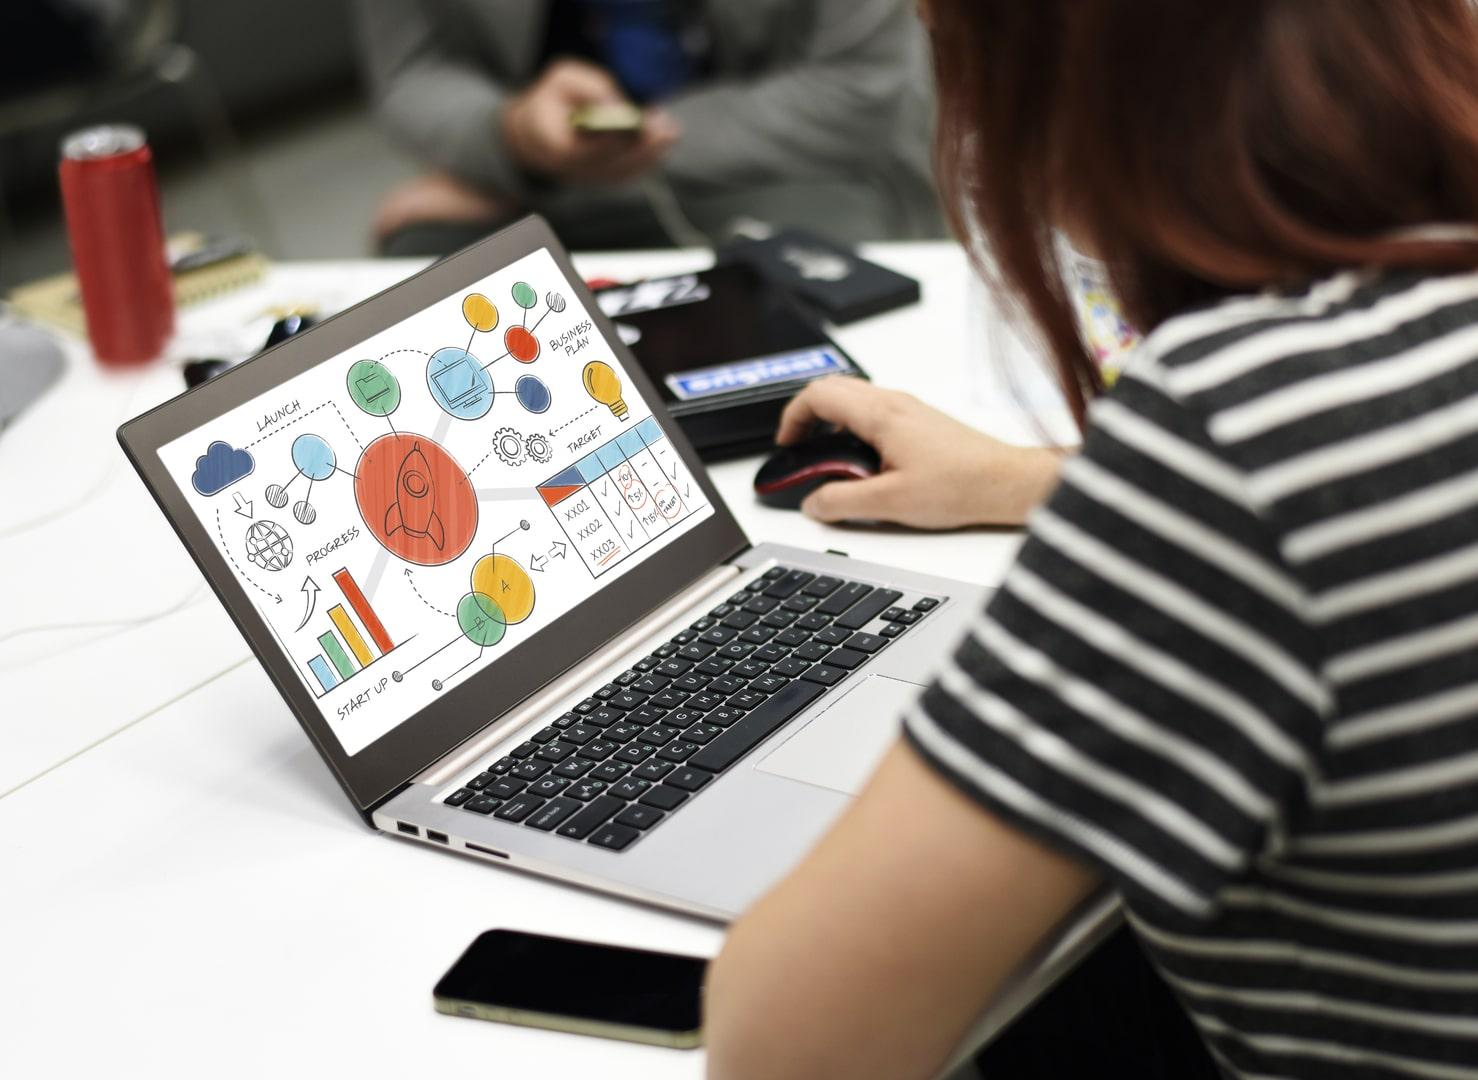 طرق فعالة لزيادة الإنتاجية أثناء العمل